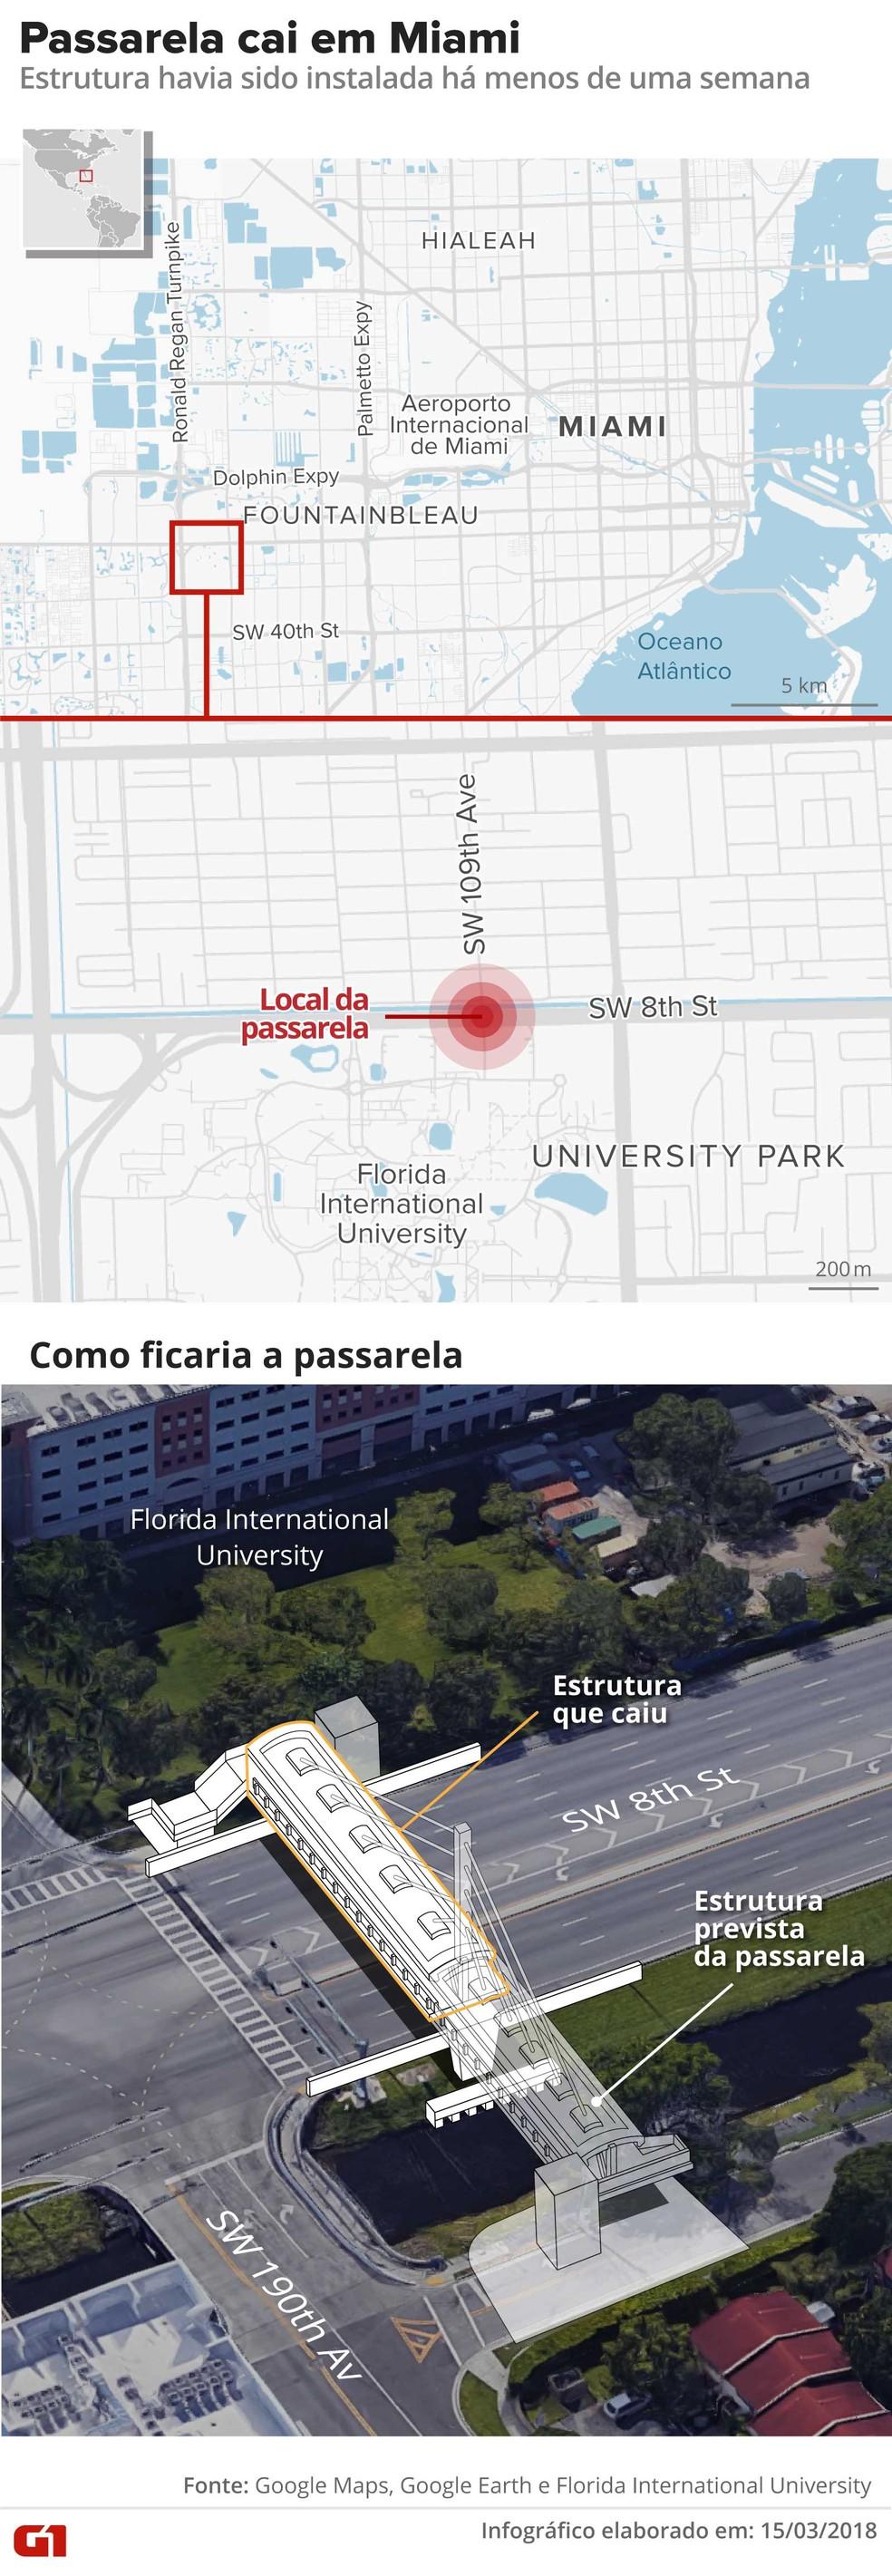 Passarela de pedestres cai em Miami (Foto: Infografia: Alexandre Mauro e Betta Jaworski/G1)